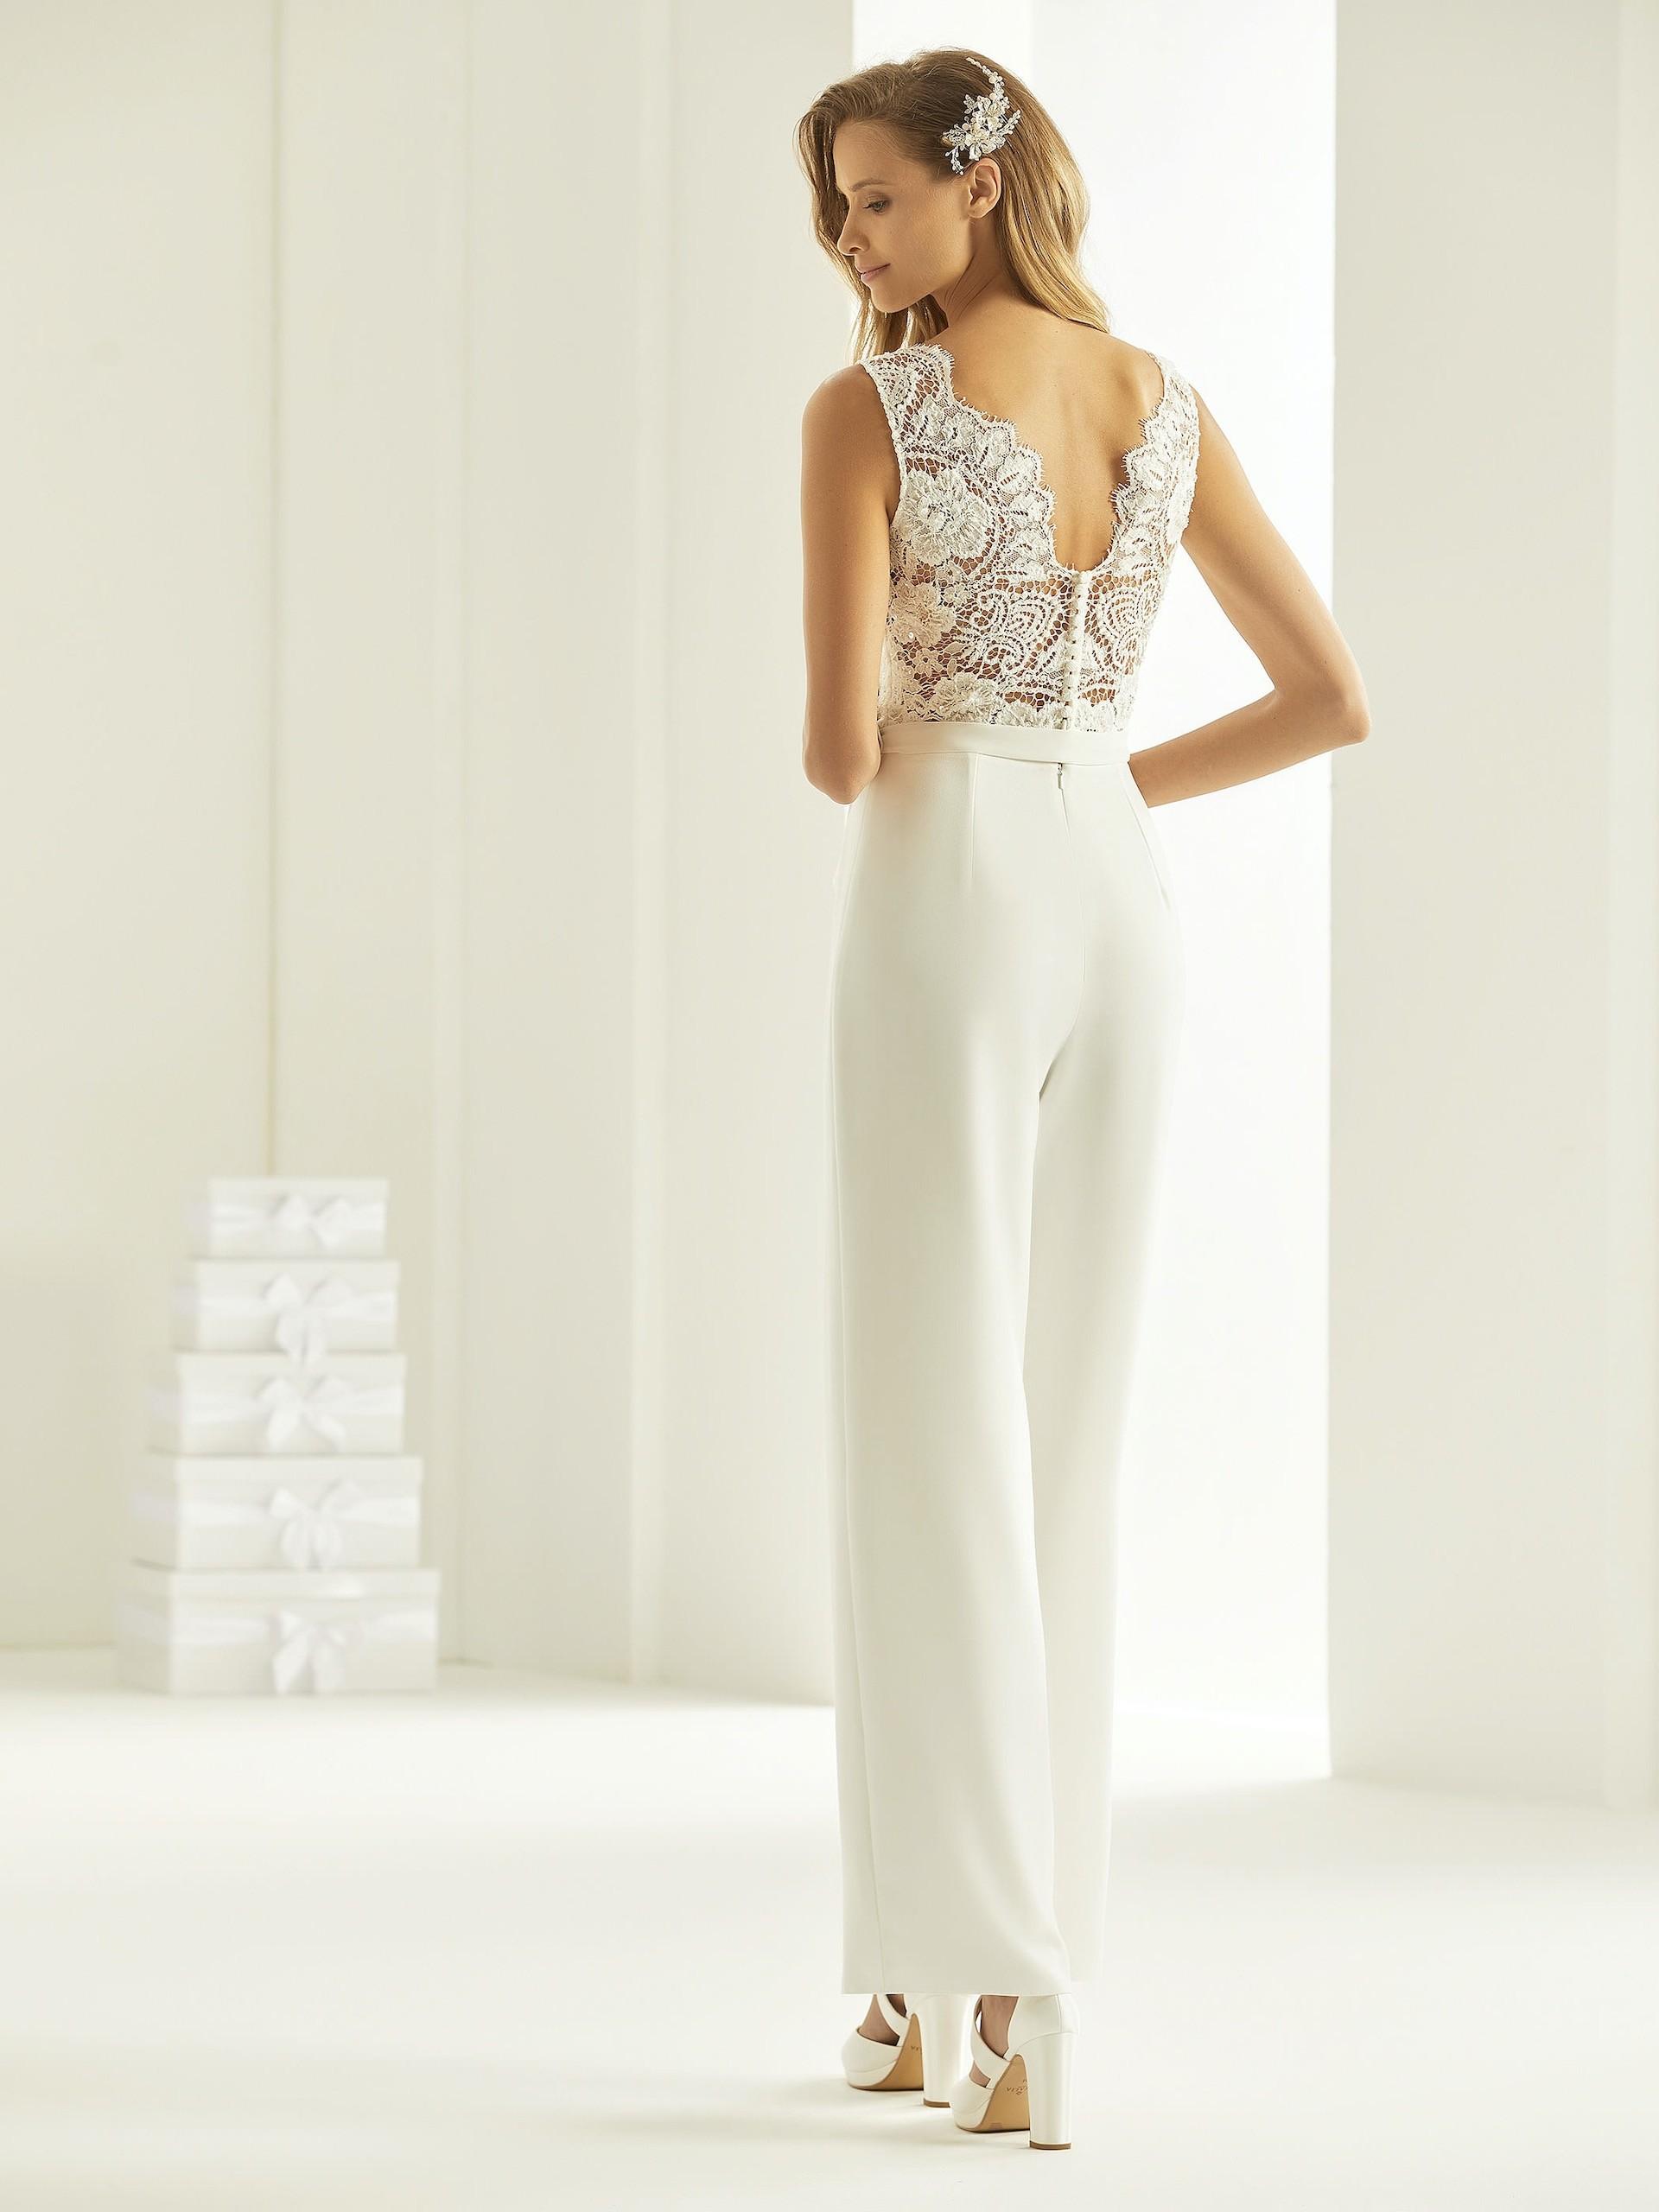 Braut-Jumpsuit mit weiter Hose, Spitzentop mit V-Ausschnitt und Gürtel von Bianco Evento, Modell Trinity